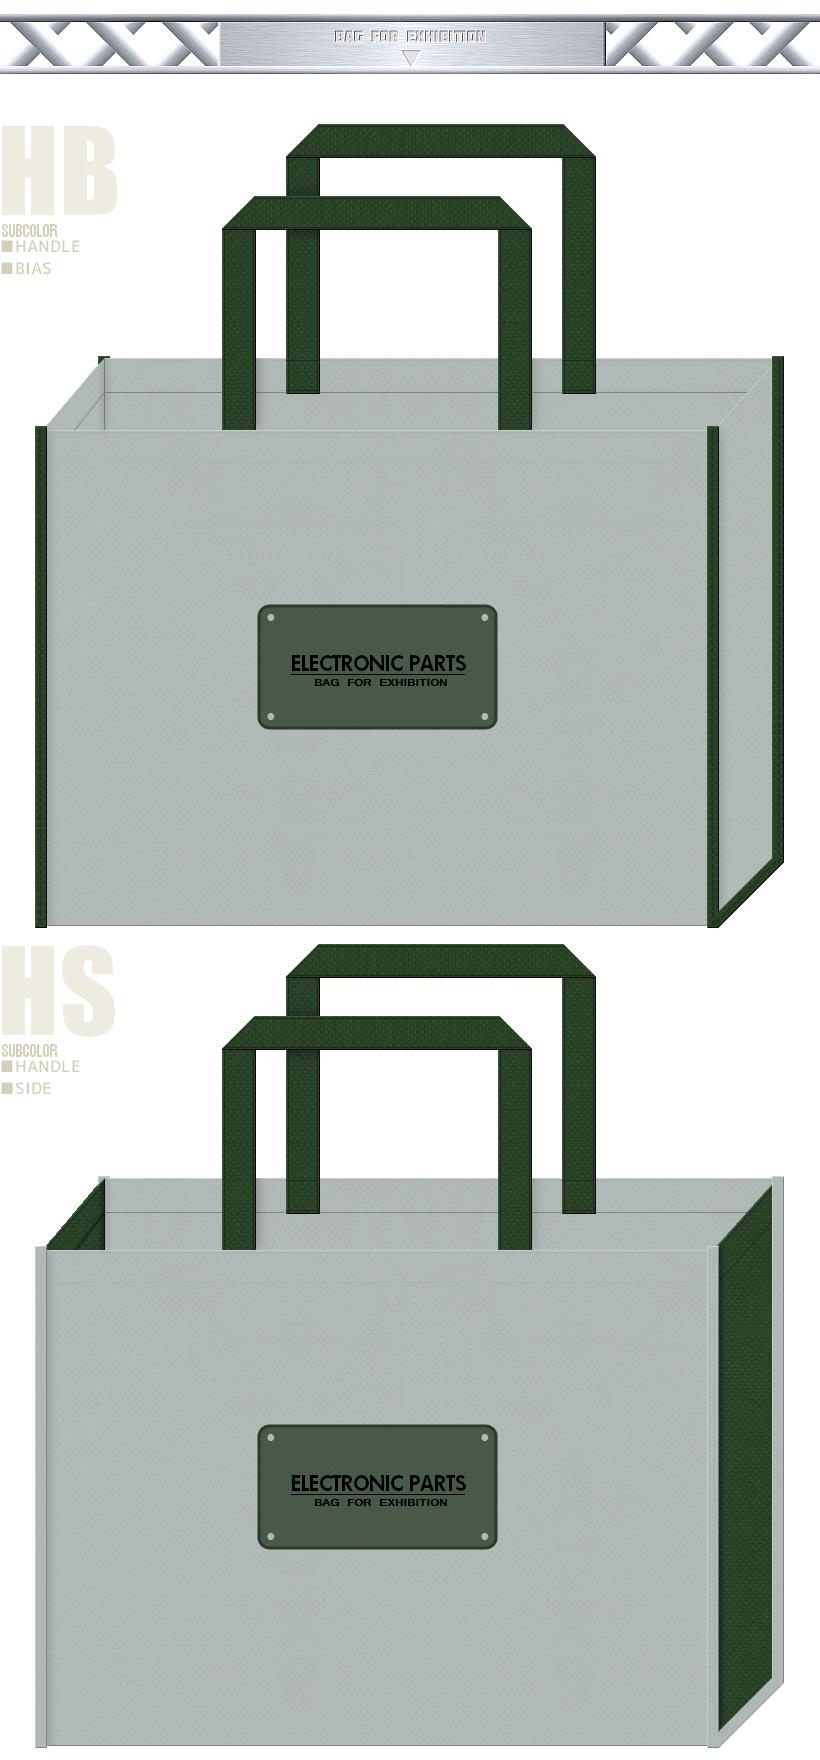 グレー色と深緑色の不織布バッグデザイン:電子基盤・電子部品の展示会用バッグ